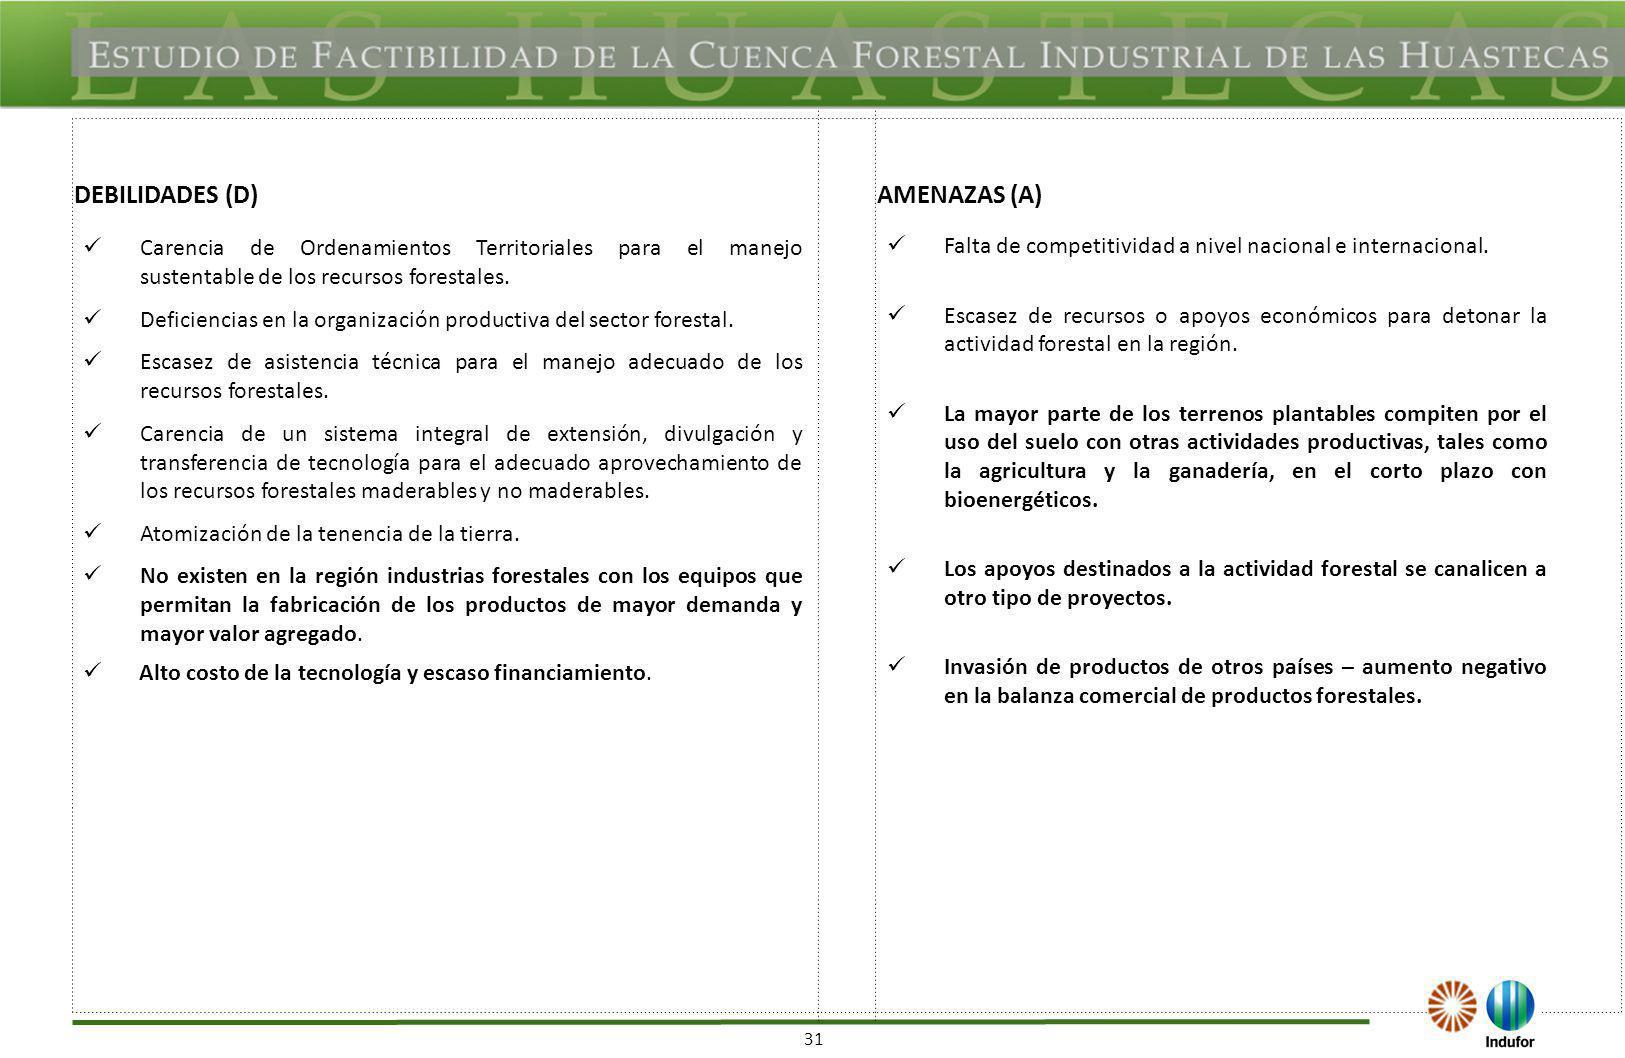 31 DEBILIDADES (D)AMENAZAS (A) Carencia de Ordenamientos Territoriales para el manejo sustentable de los recursos forestales. Deficiencias en la organ